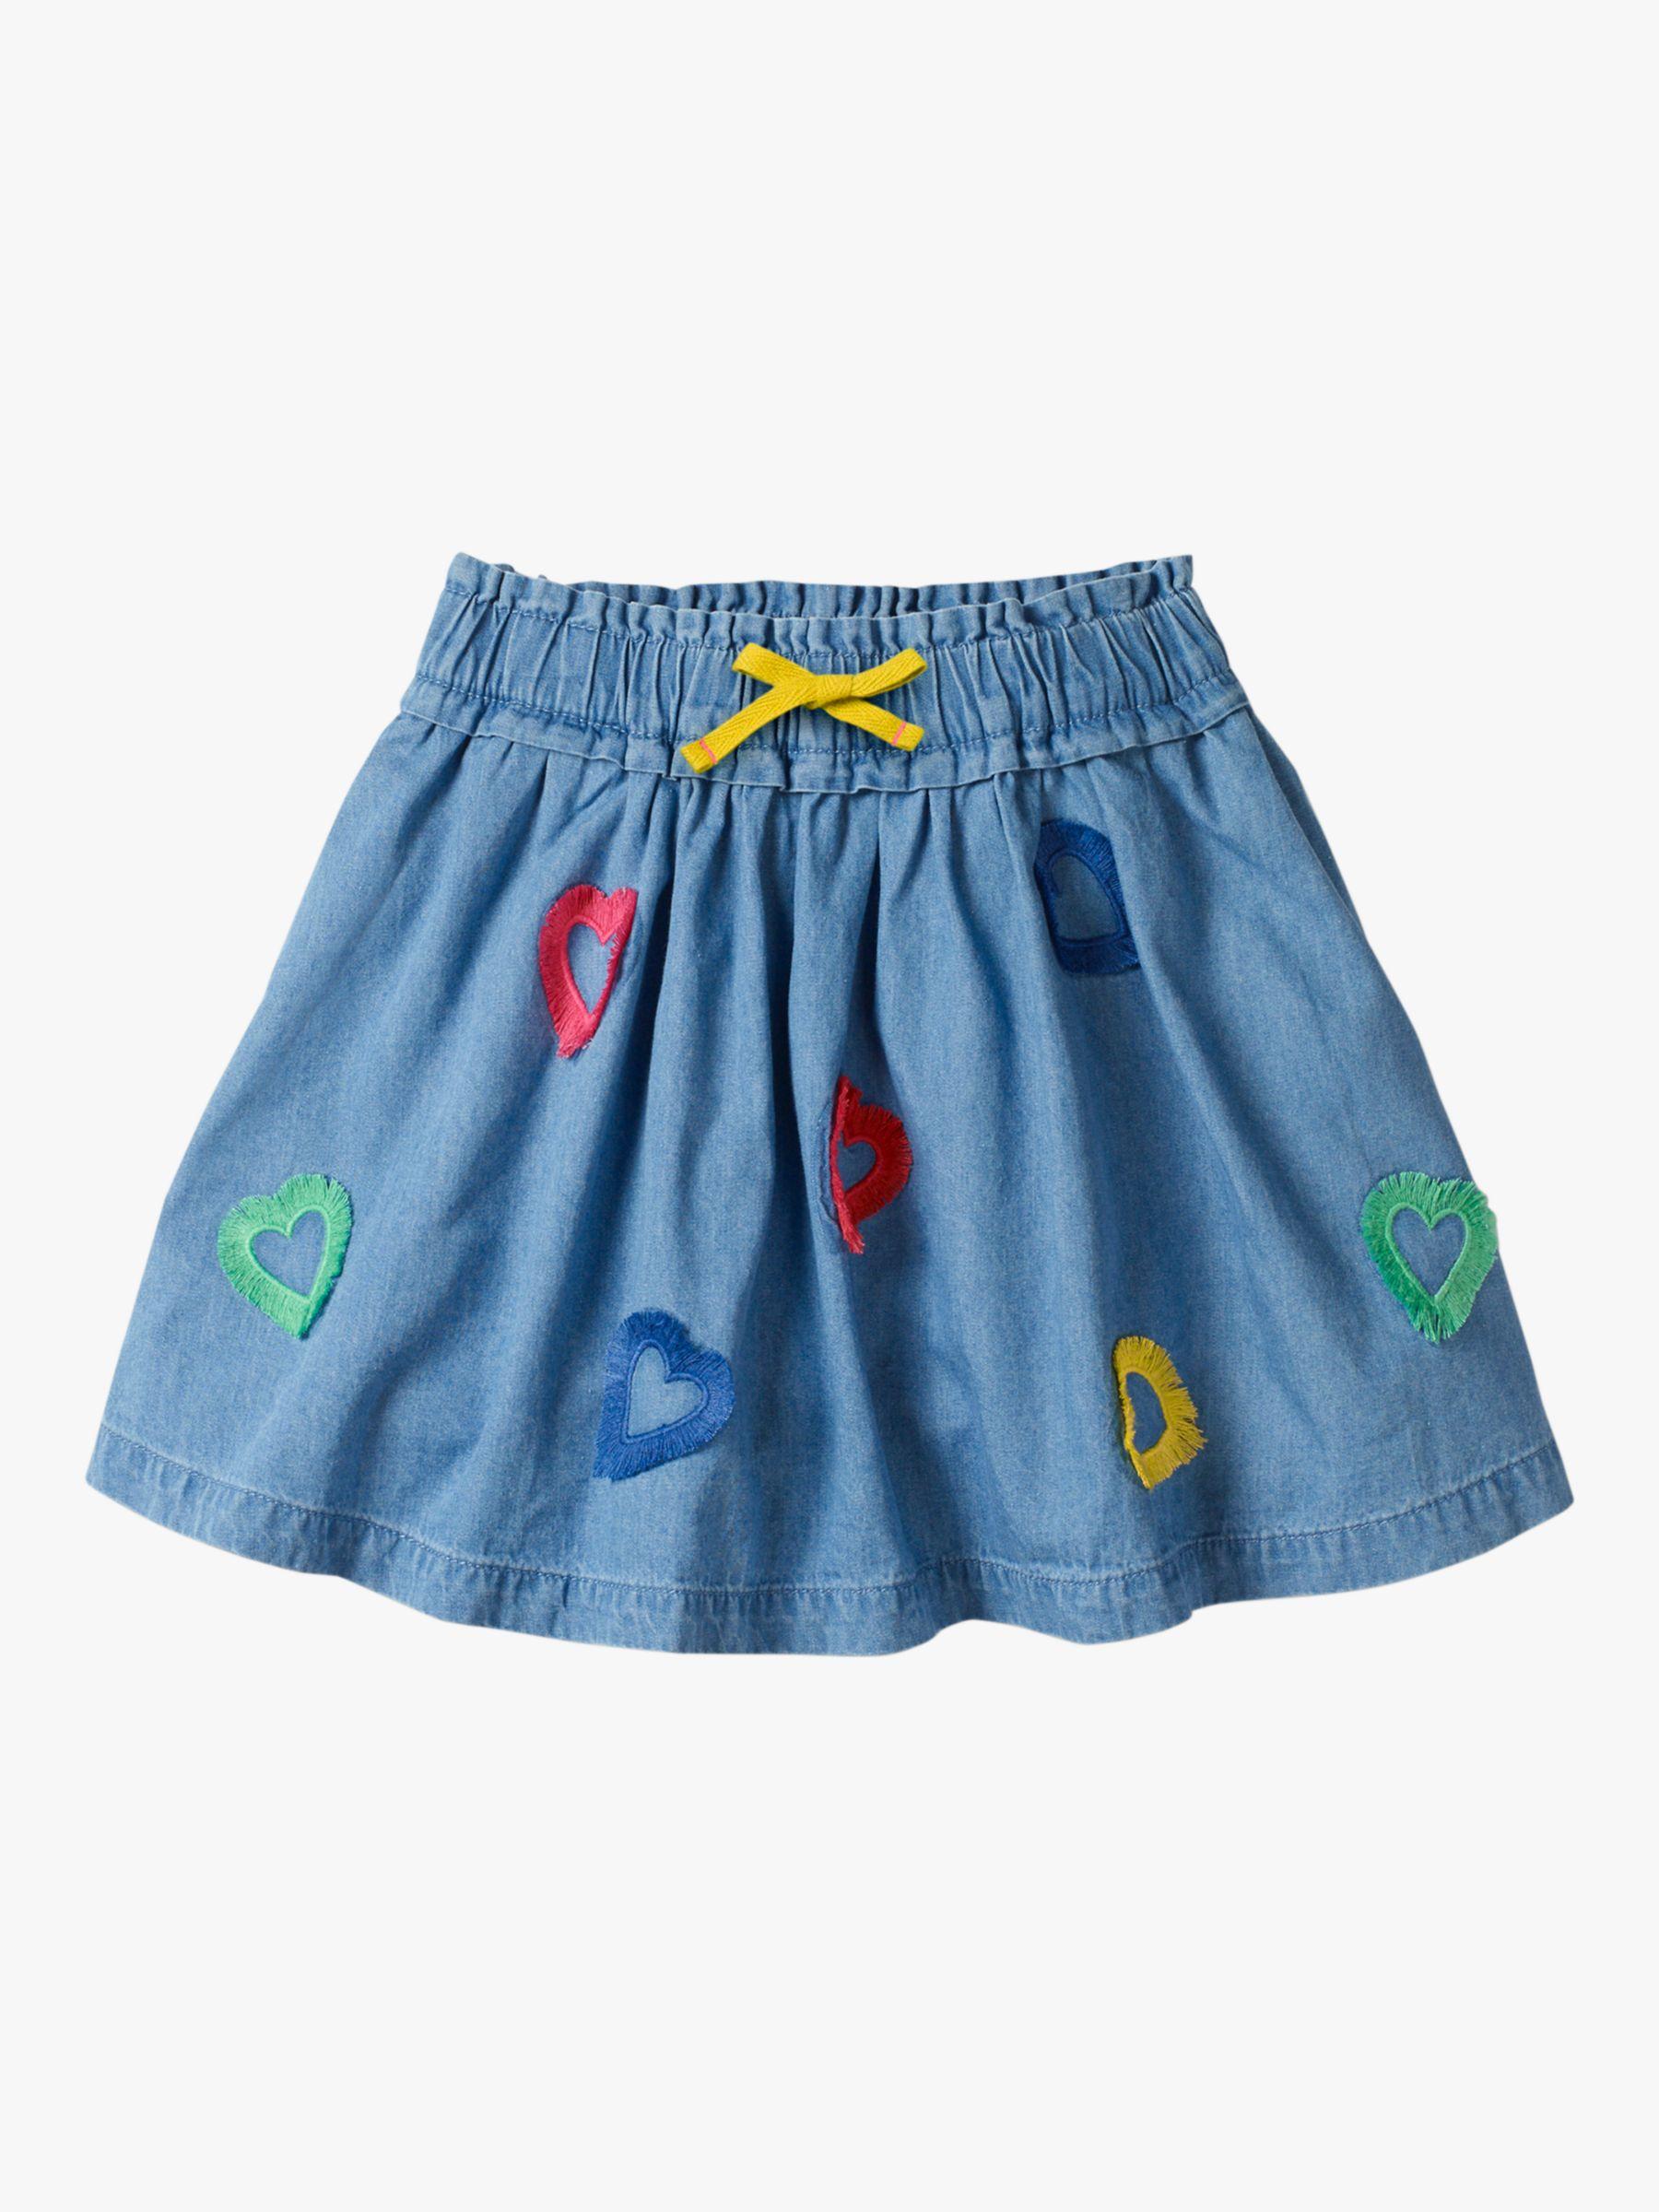 Mini Boden Mini Boden Girls' Heart Fringe Skirt, Chambray Blue